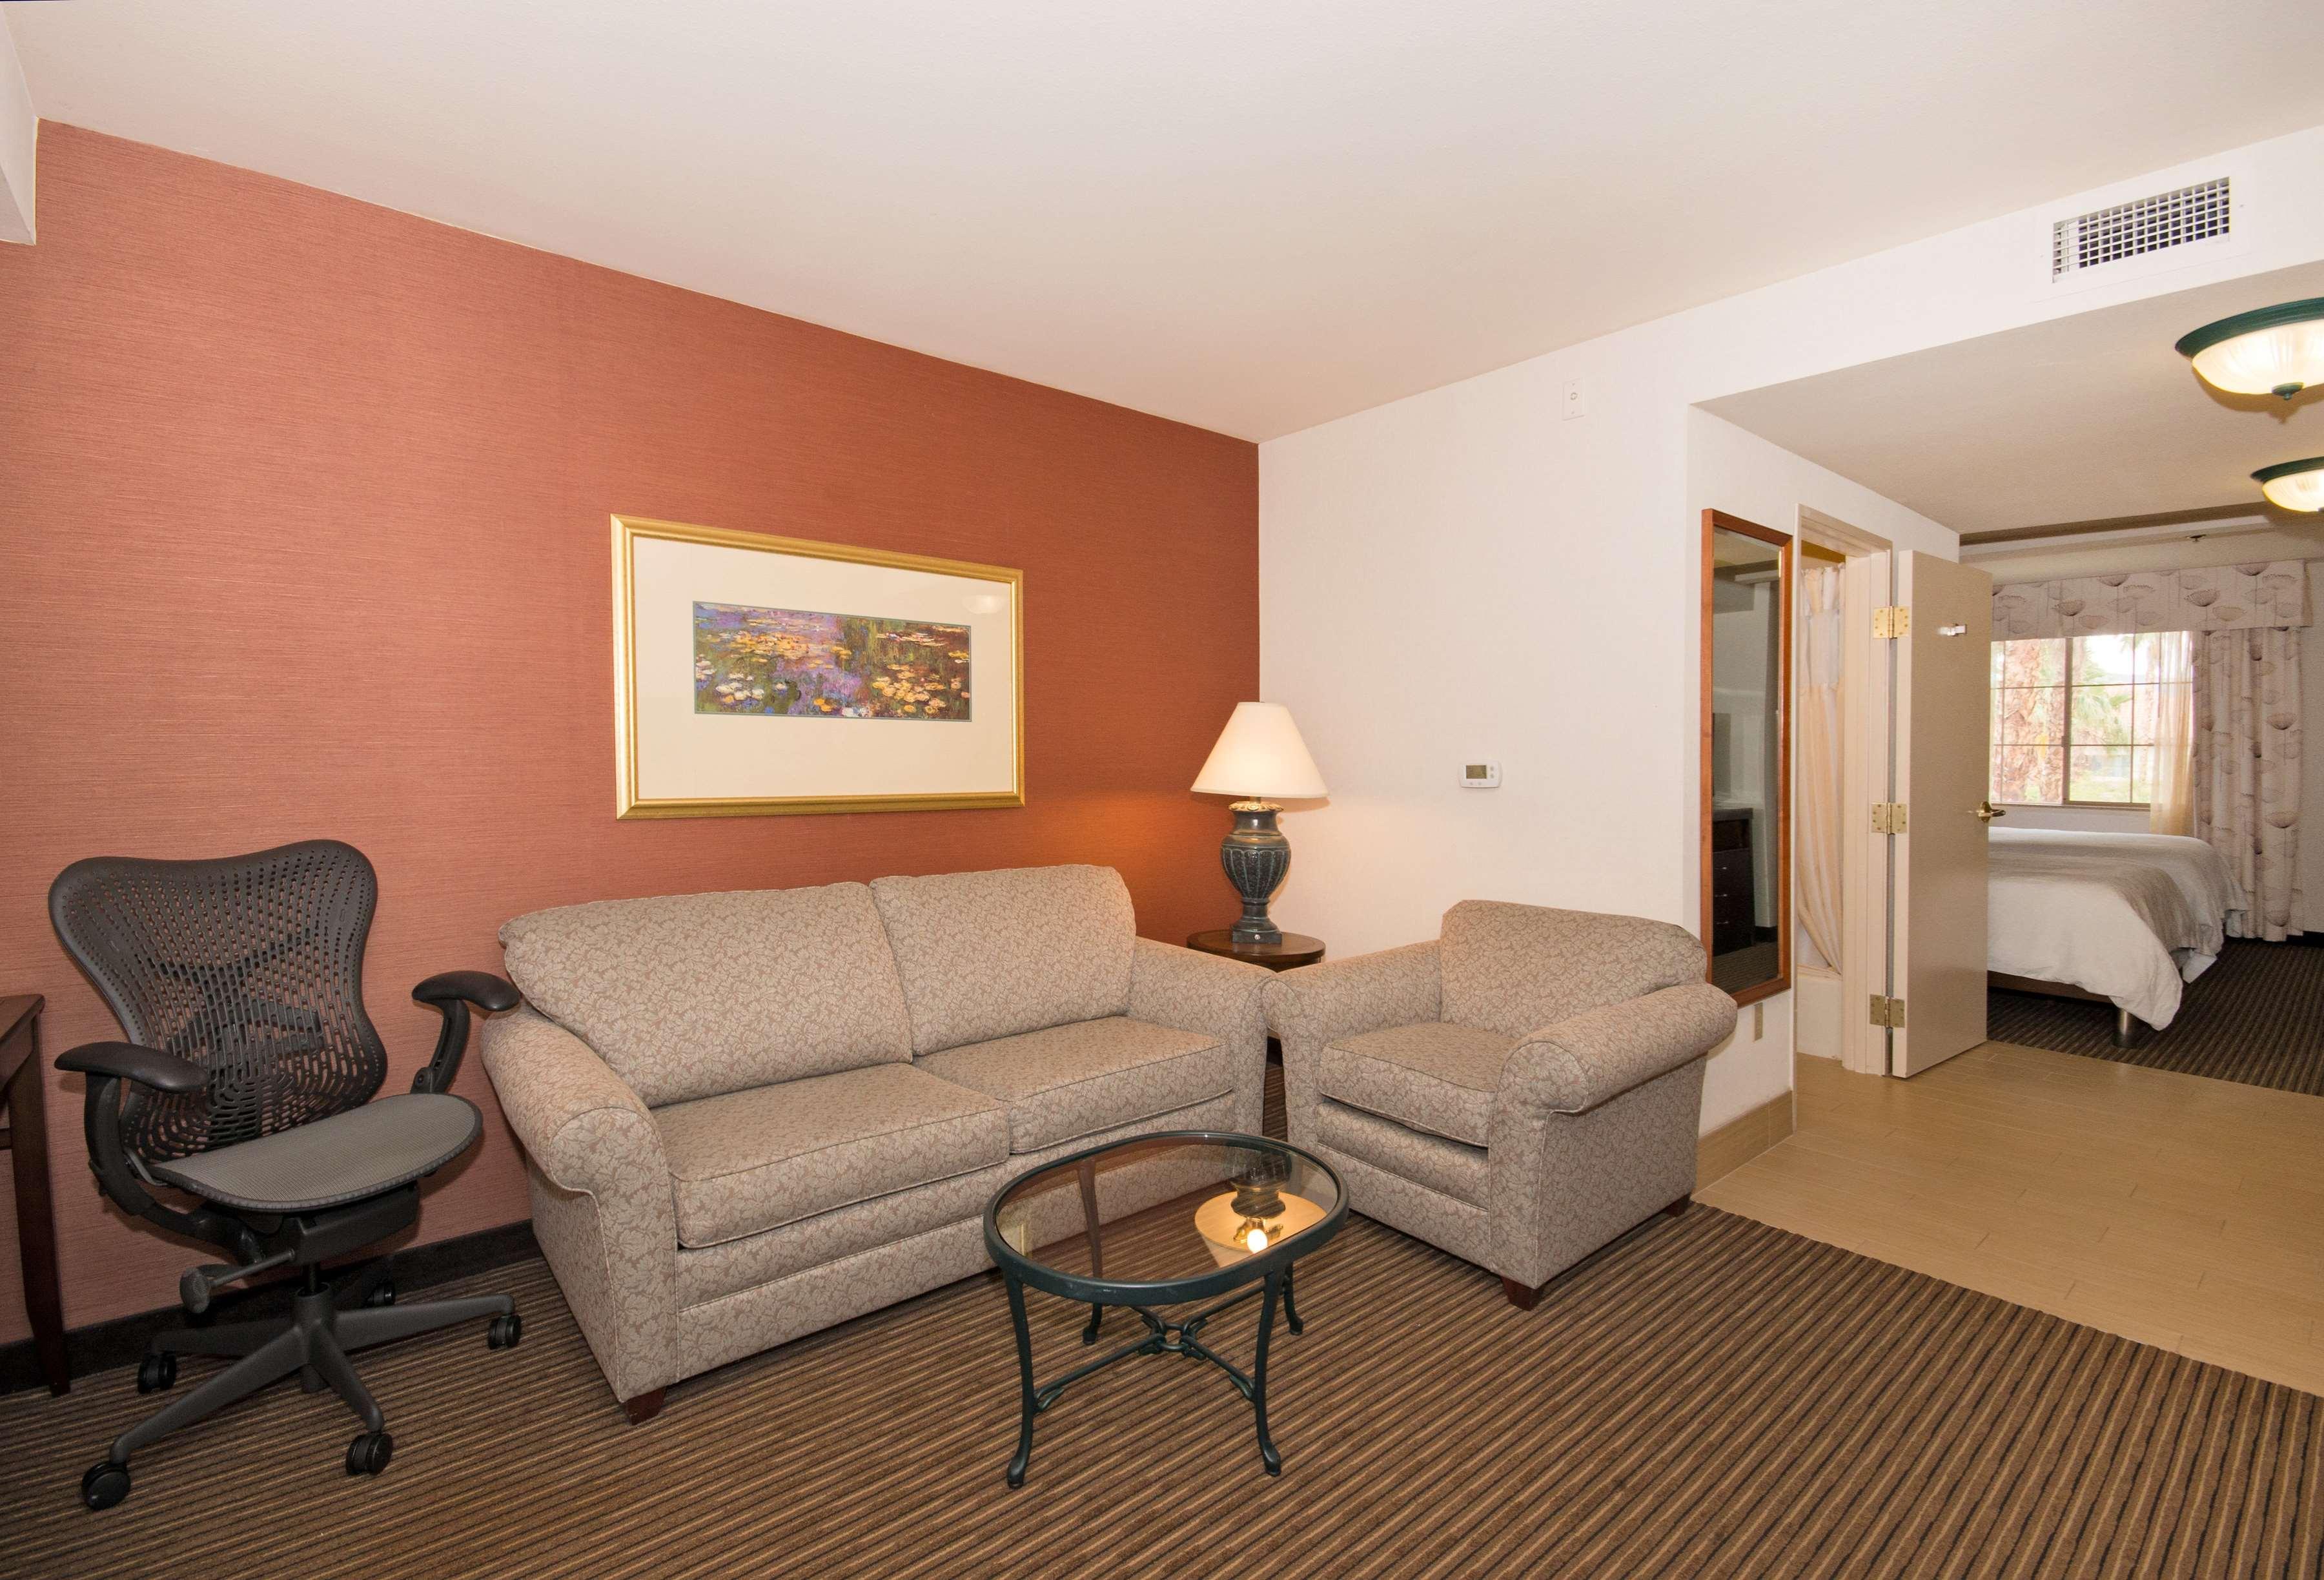 Hilton Garden Inn Palm Springs/Rancho Mirage image 0